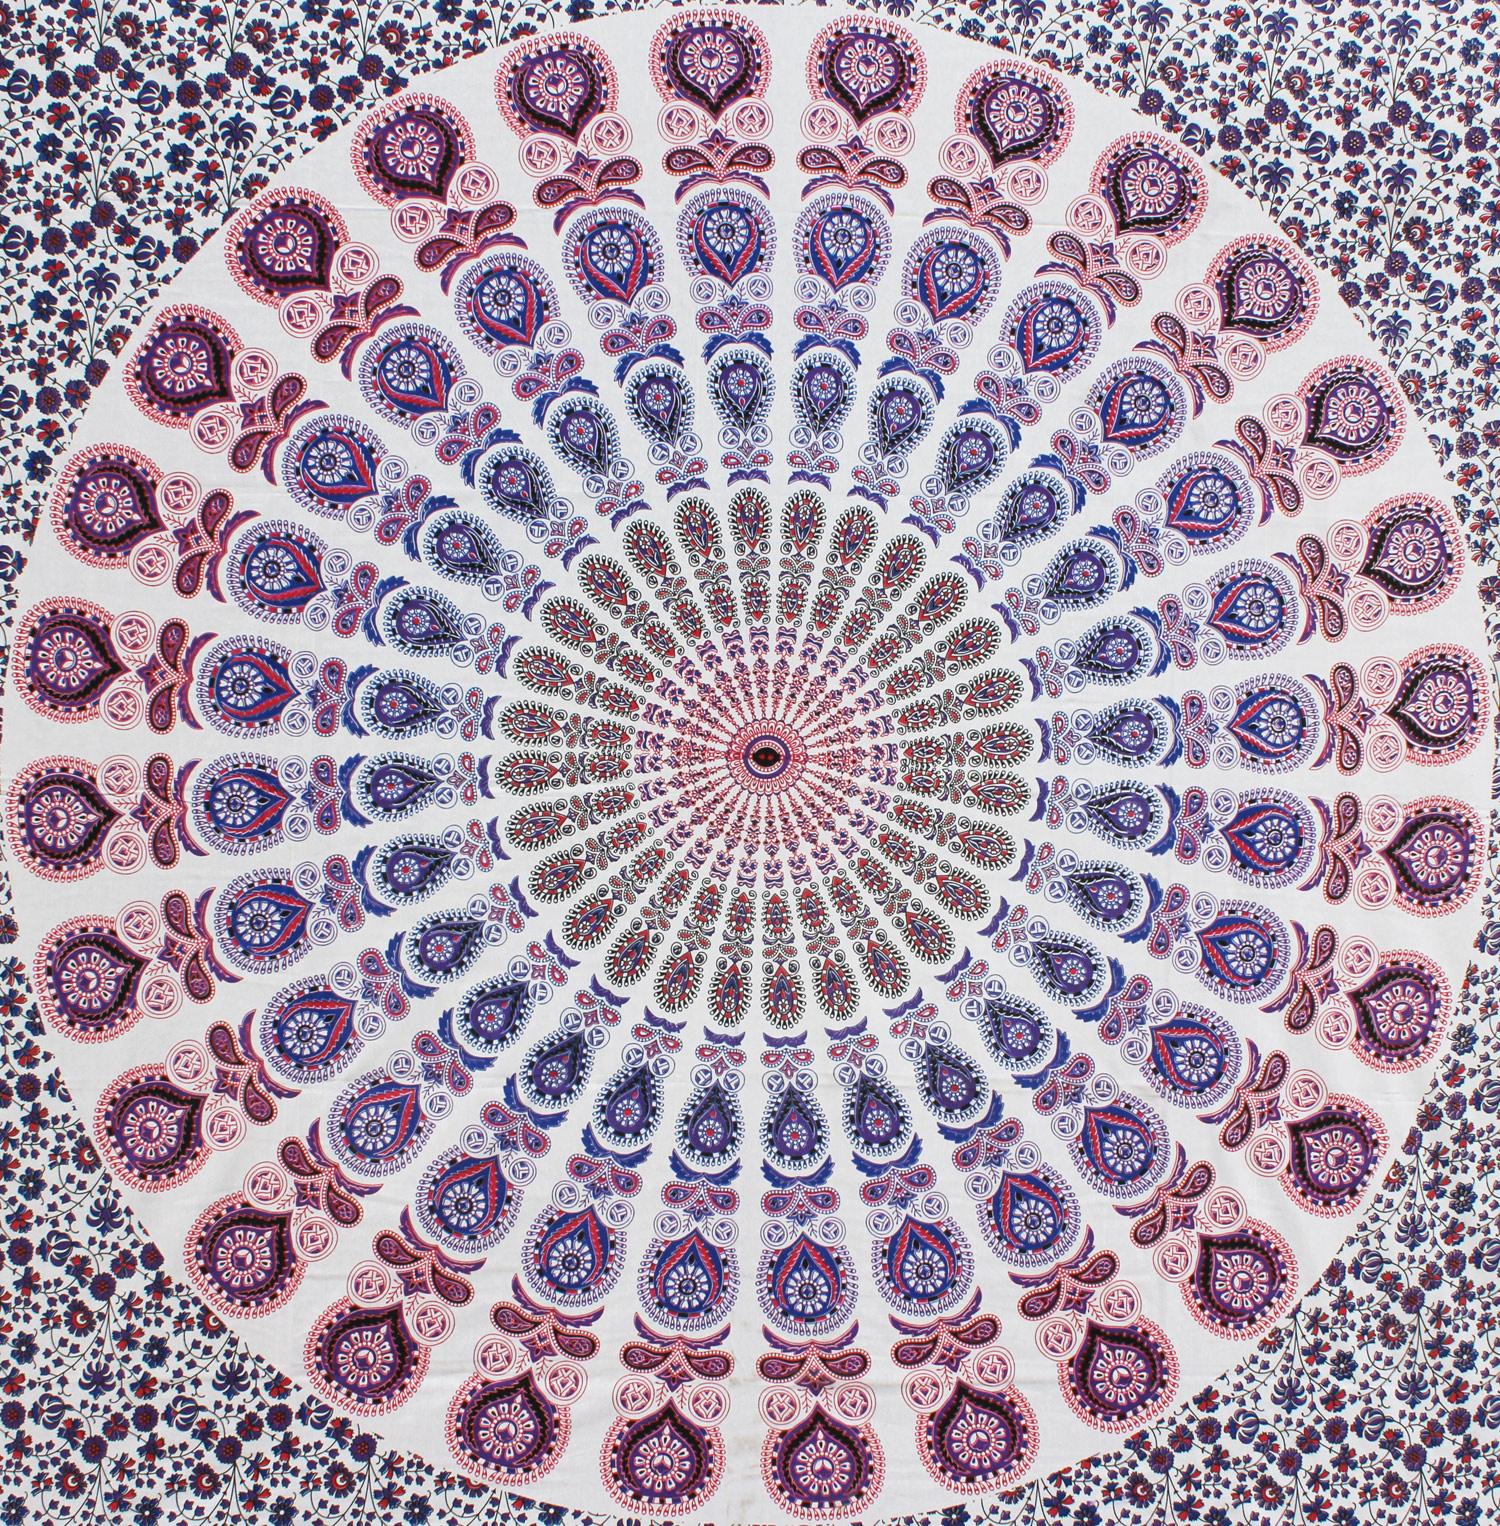 Myroundie Myroundie - roundie - vierkant strandlaken XL – yoga kleed- speelkleed - picknickkleed -100% katoen – Q7